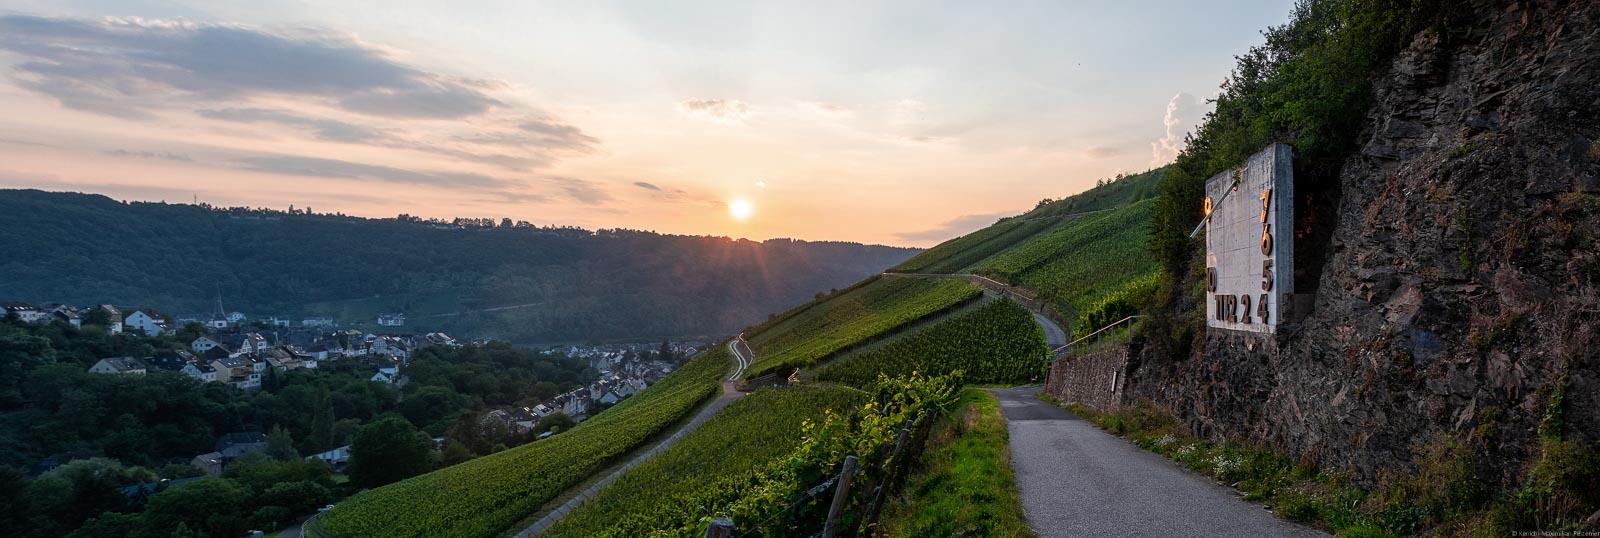 Vom Enkircher Steffensberg beim Ort Enkirch kann man tolle Sonnenuntergänge genießen. Vorne sind Weinberge. Rechts verläuft ein Weg unterhalb eines Felsens mit einer Sonnenuhr. Unten links ist ein Dorf. Im Hingergrund sind die Sonne, der Himmel und Wolken.